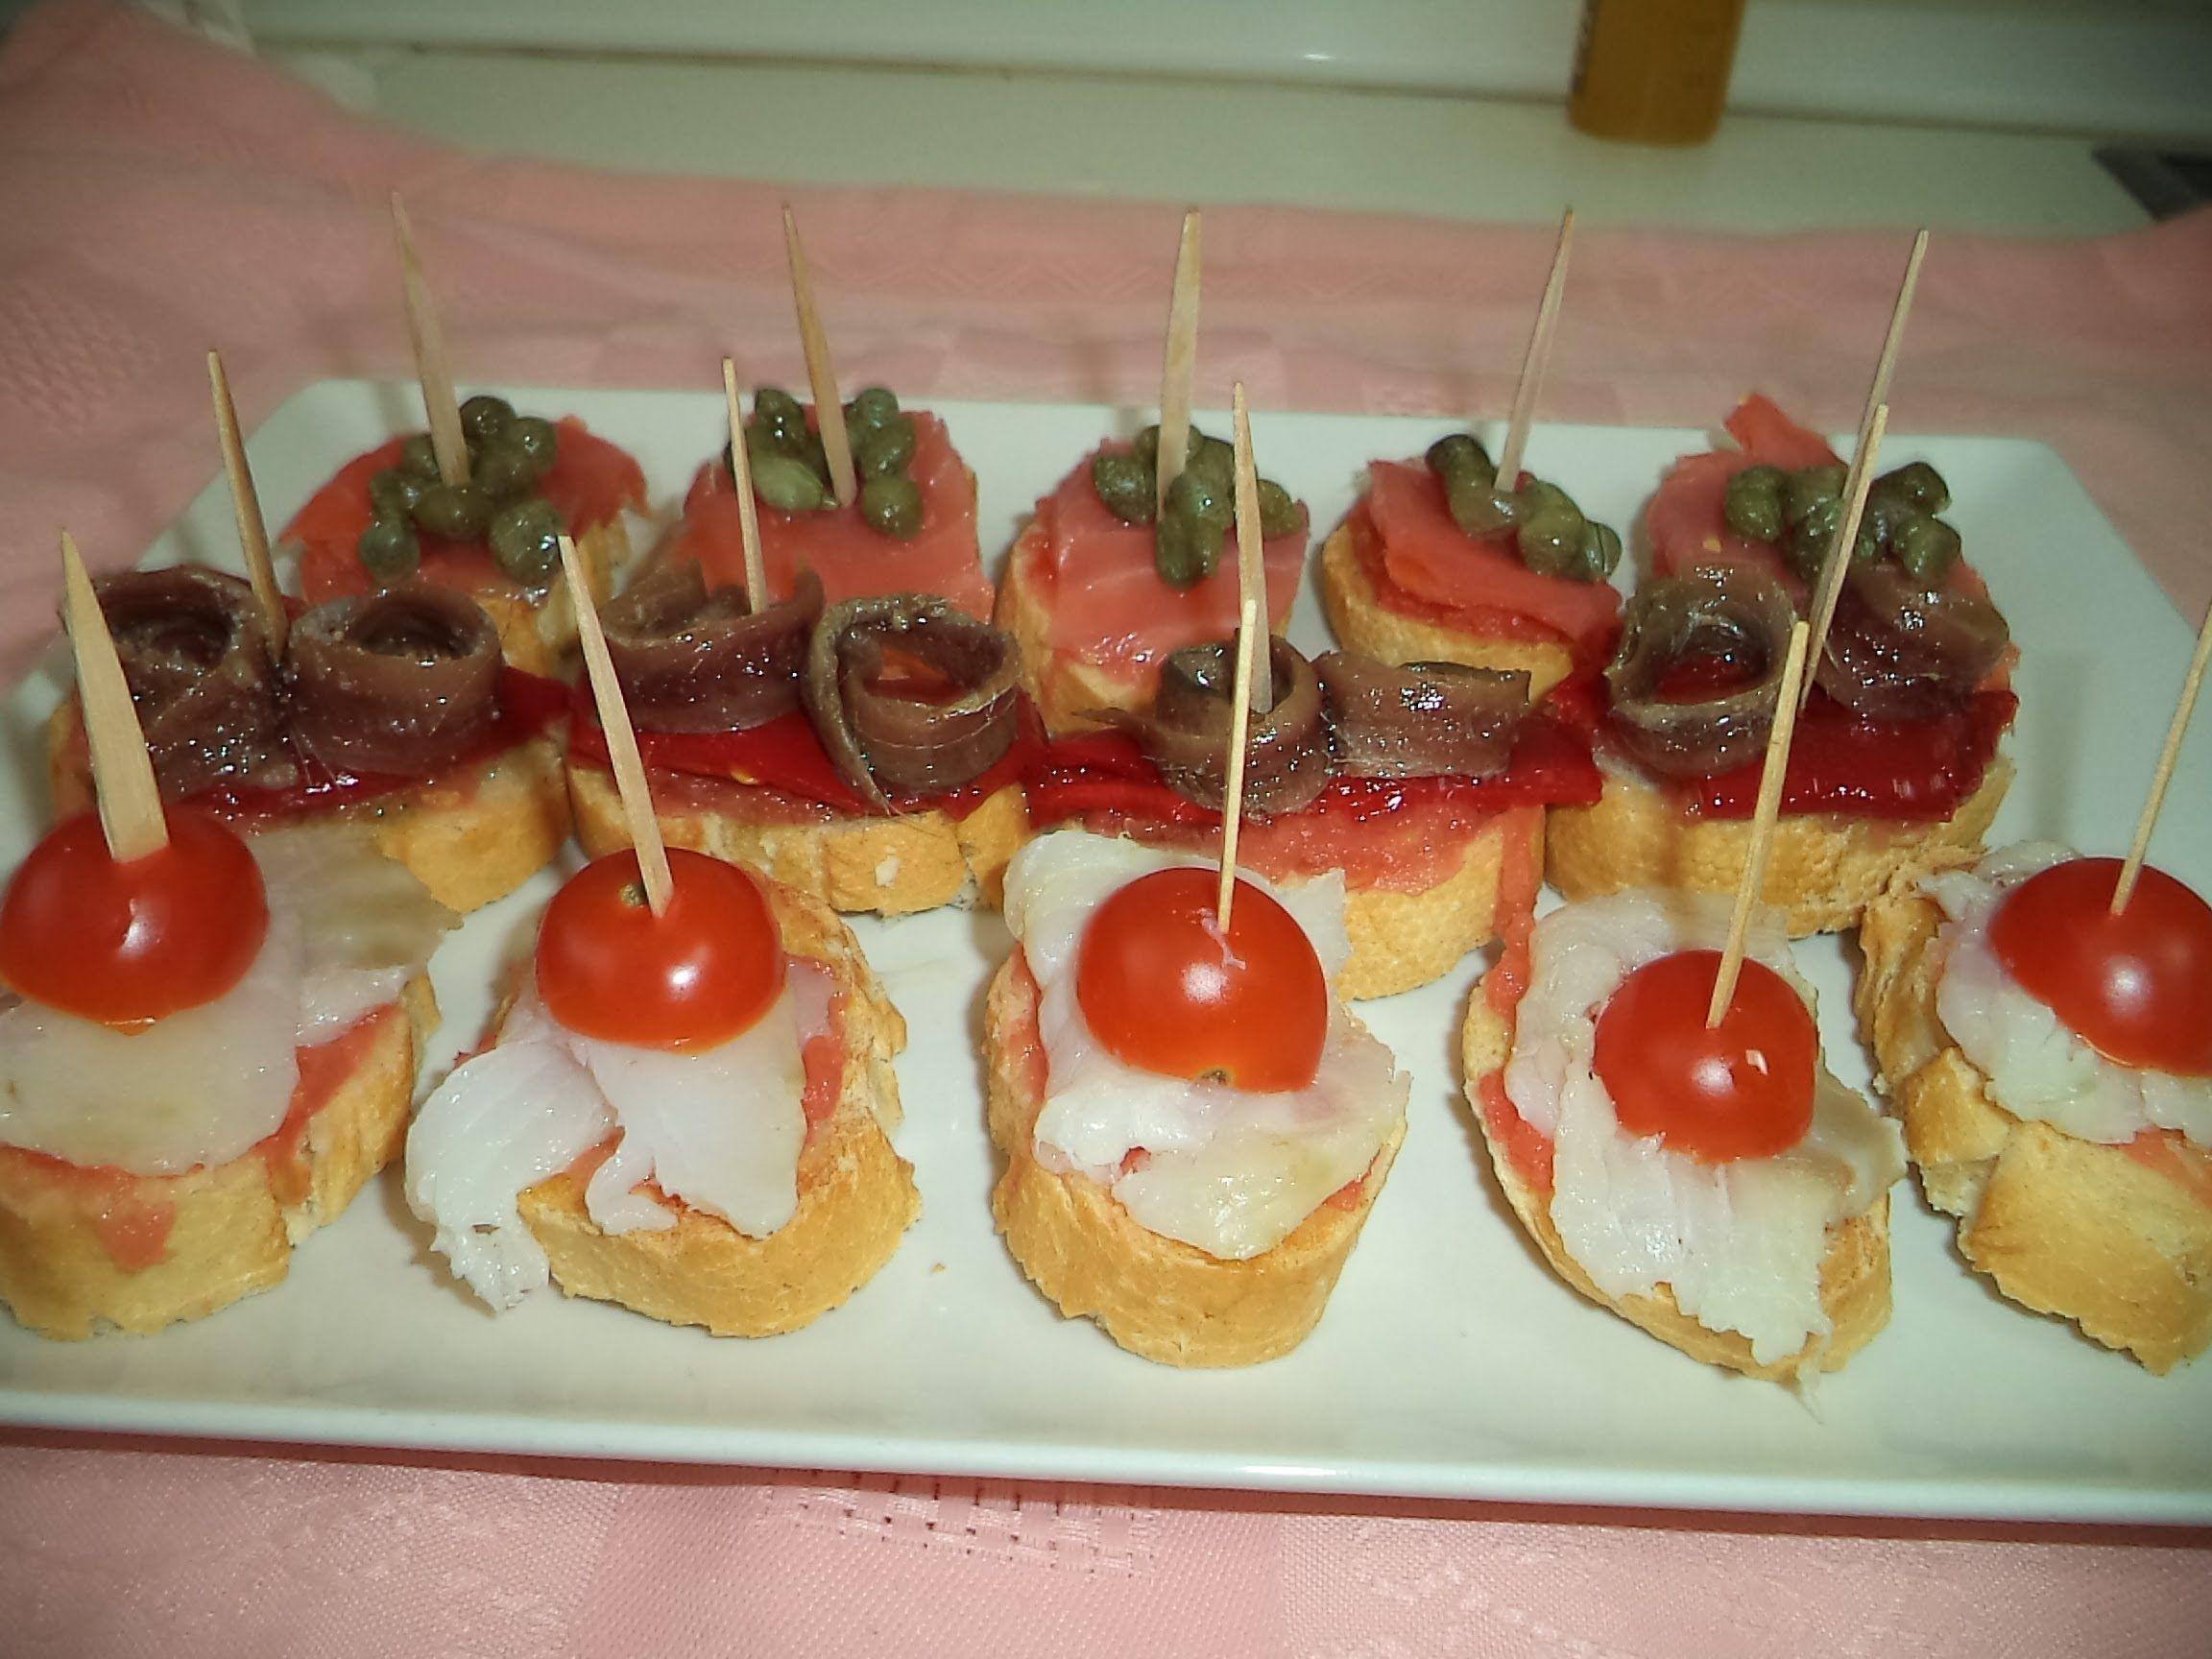 Canap s variados recetas saladas para navidad for Canapes sencillos y rapidos